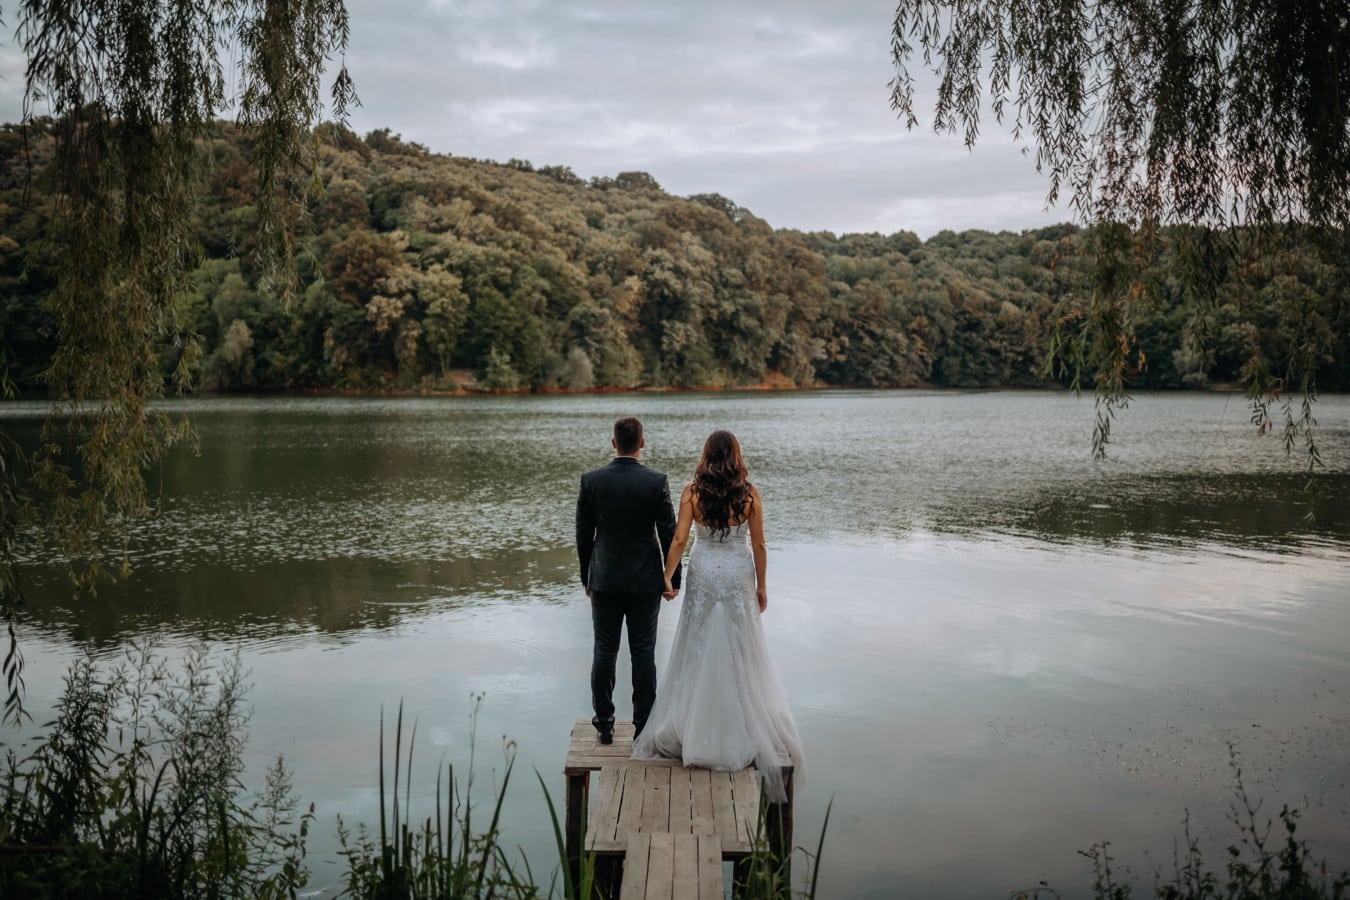 divočina, novomanželé, Jarní čas, břehu řeky, manžel, manželka, pobřeží, svatba, láska, nevěsta